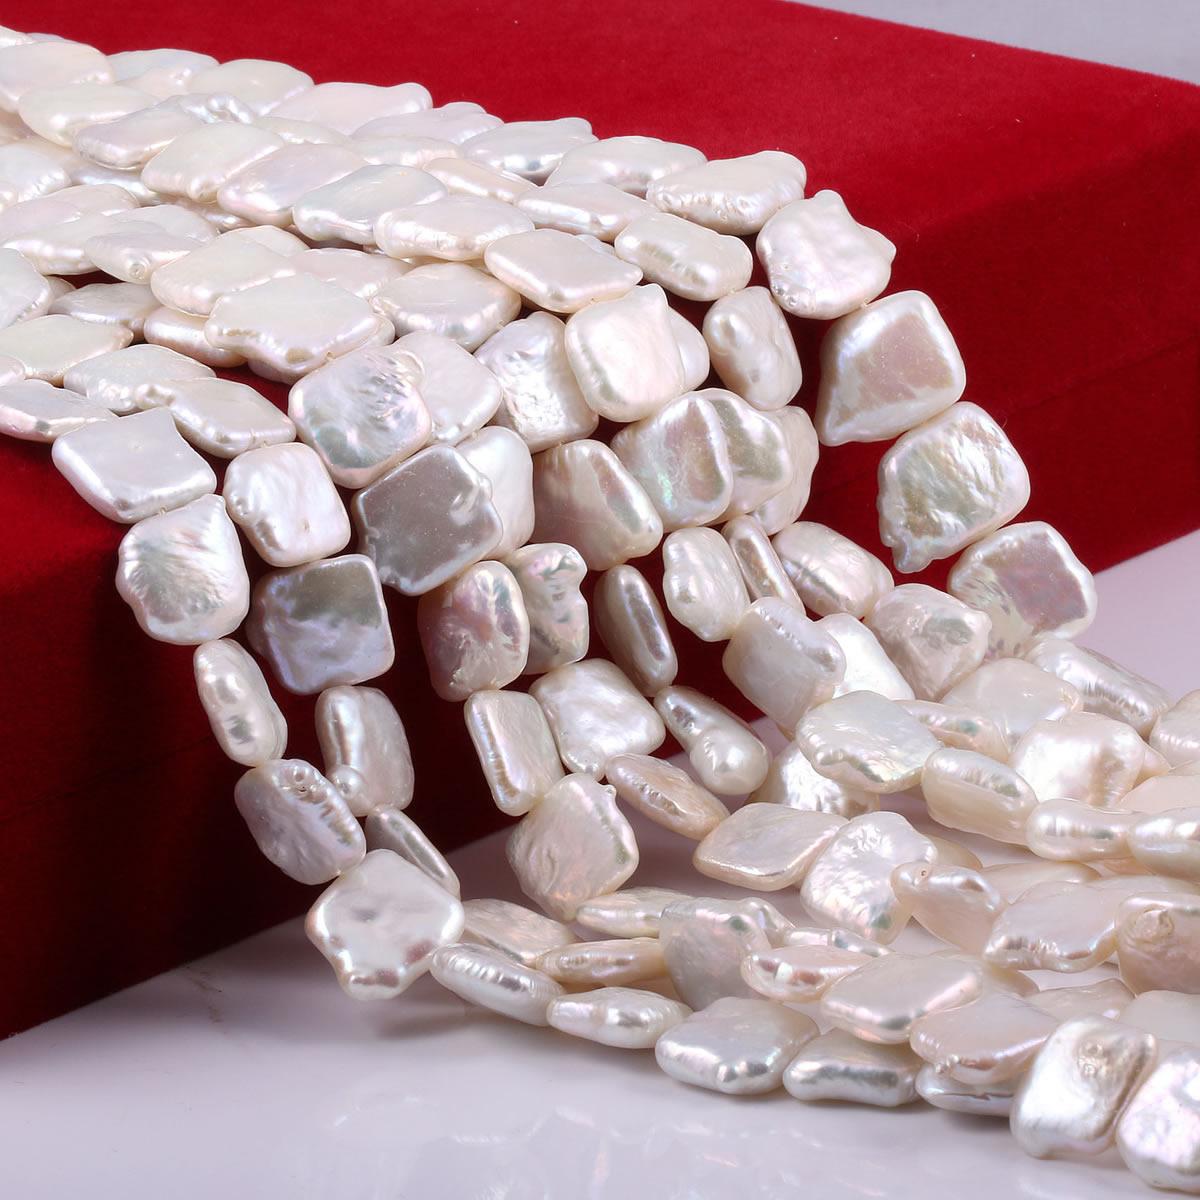 Natural de água doce pérola contas forma quadrada solto grânulo para diy pingentes femininos brincos jóias fazendo